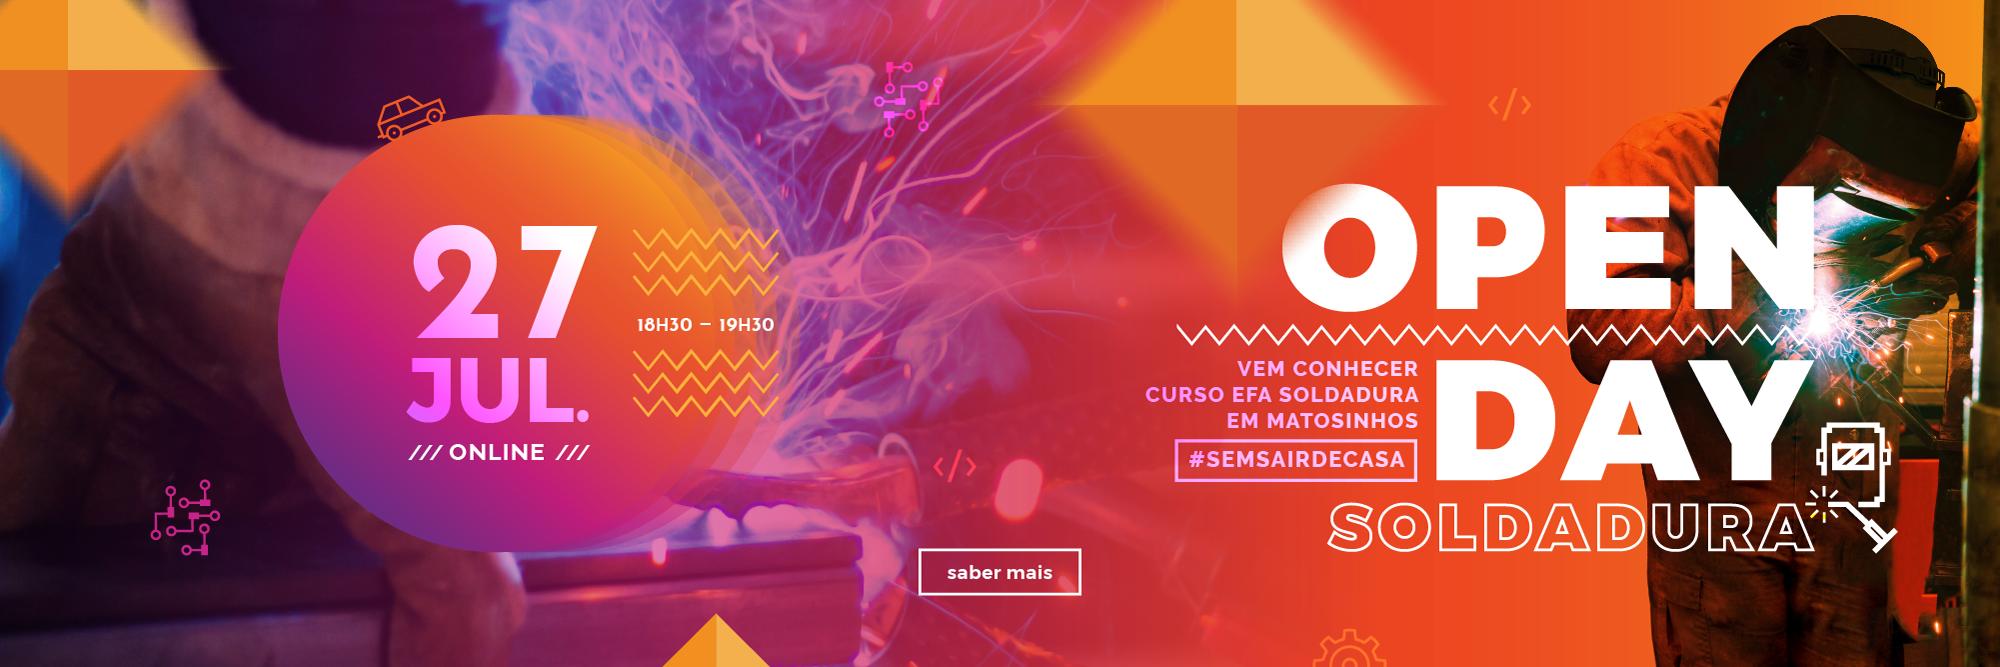 Open-Day-Soldadura-ATEC-2021--Banner-Website